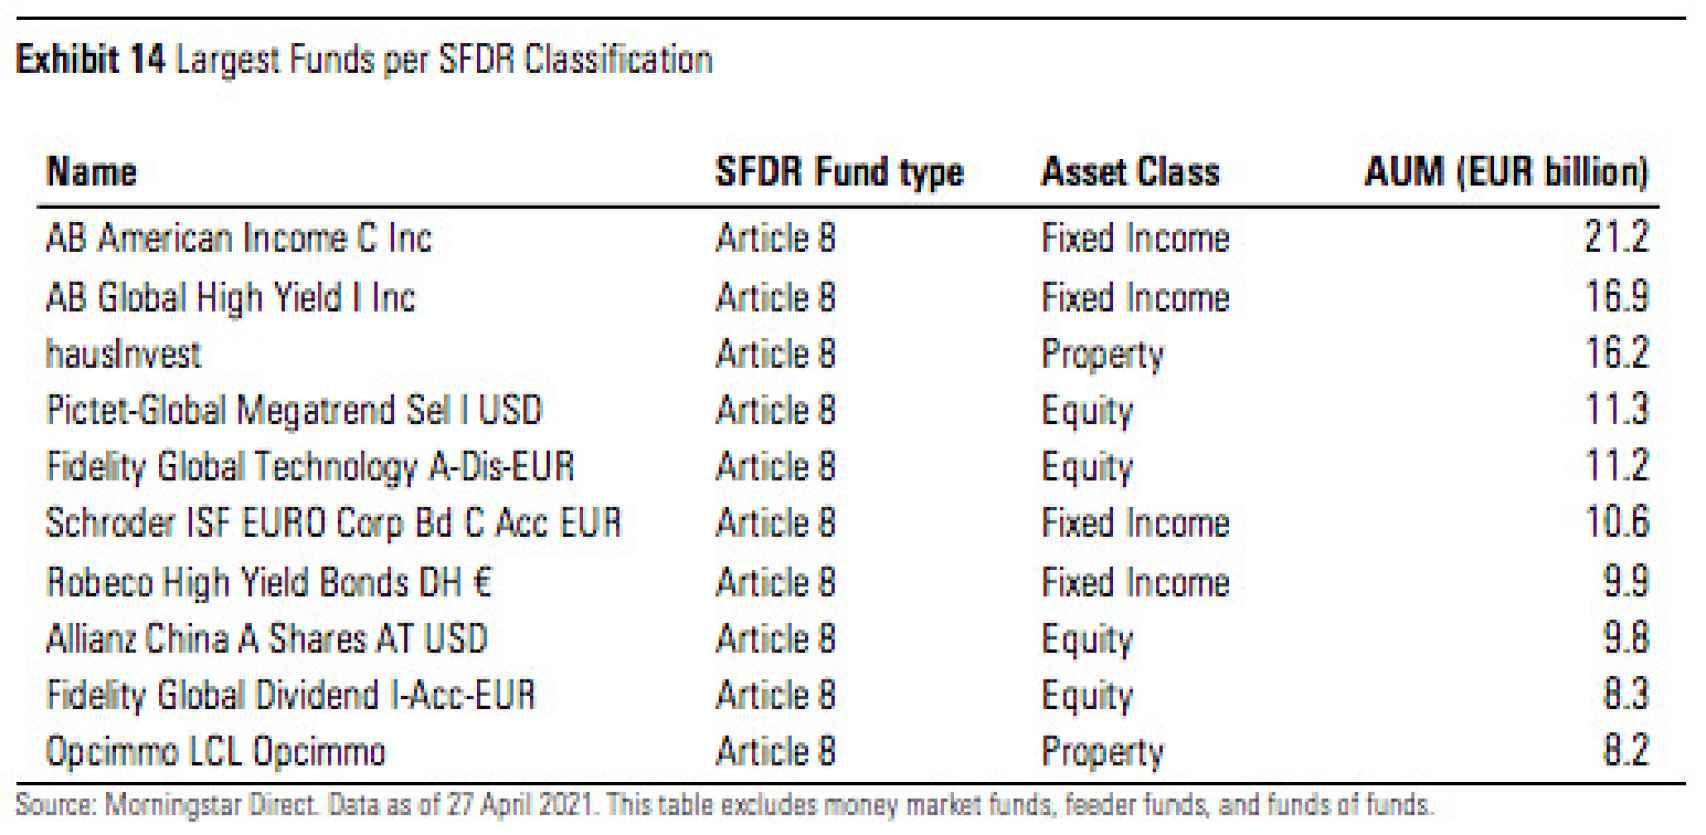 Los mayores fondos por clasificación SFDR.